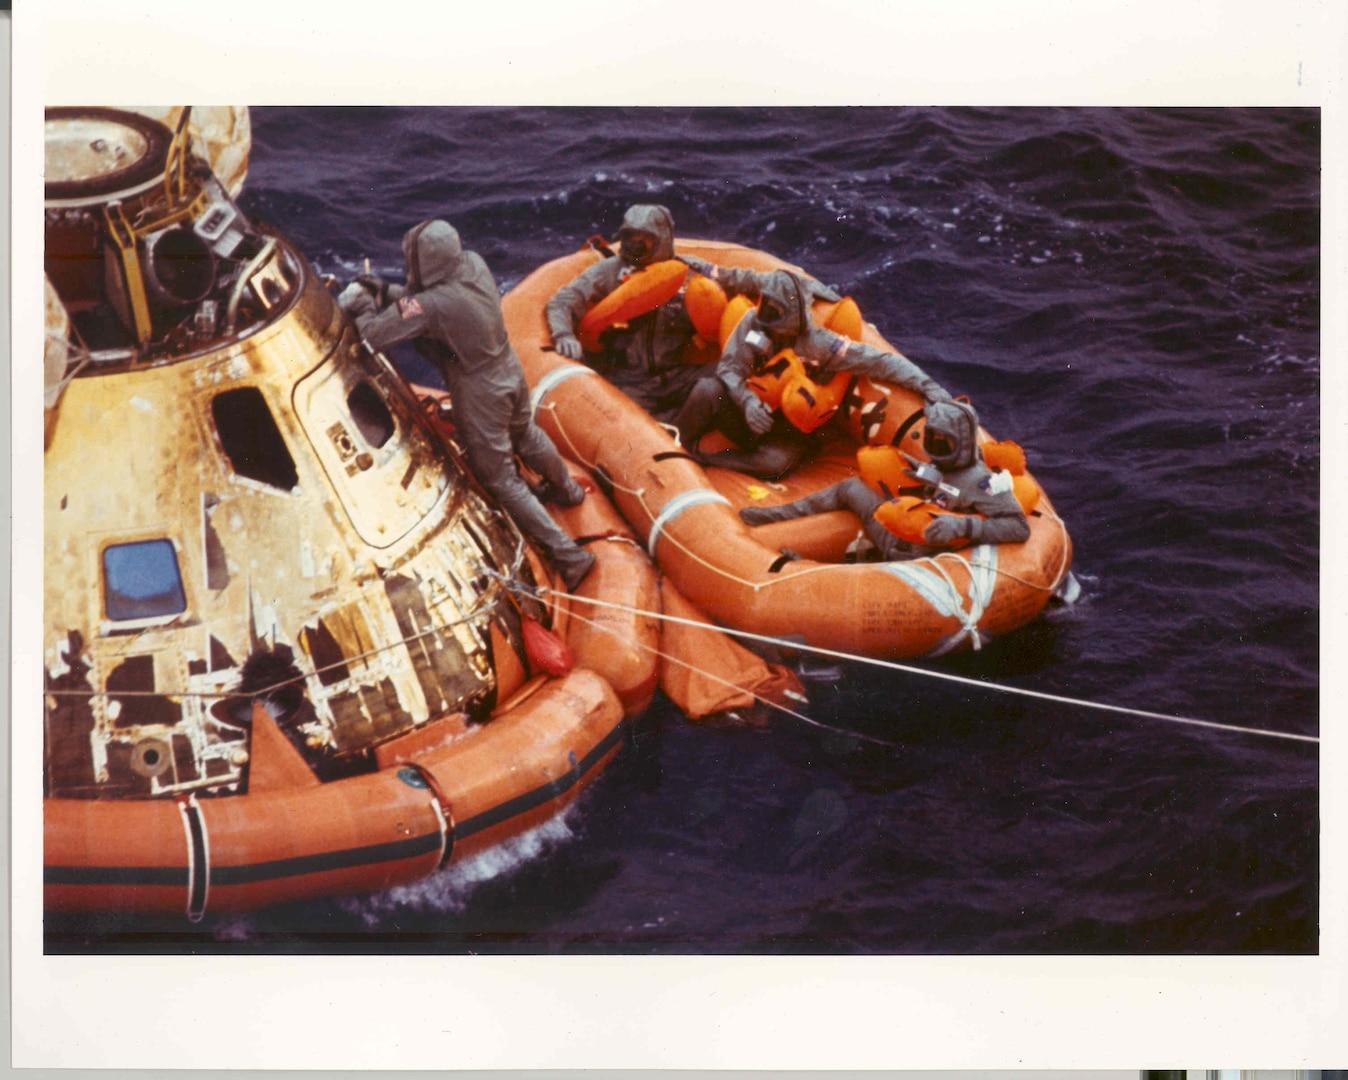 Rescue of Apollo 11